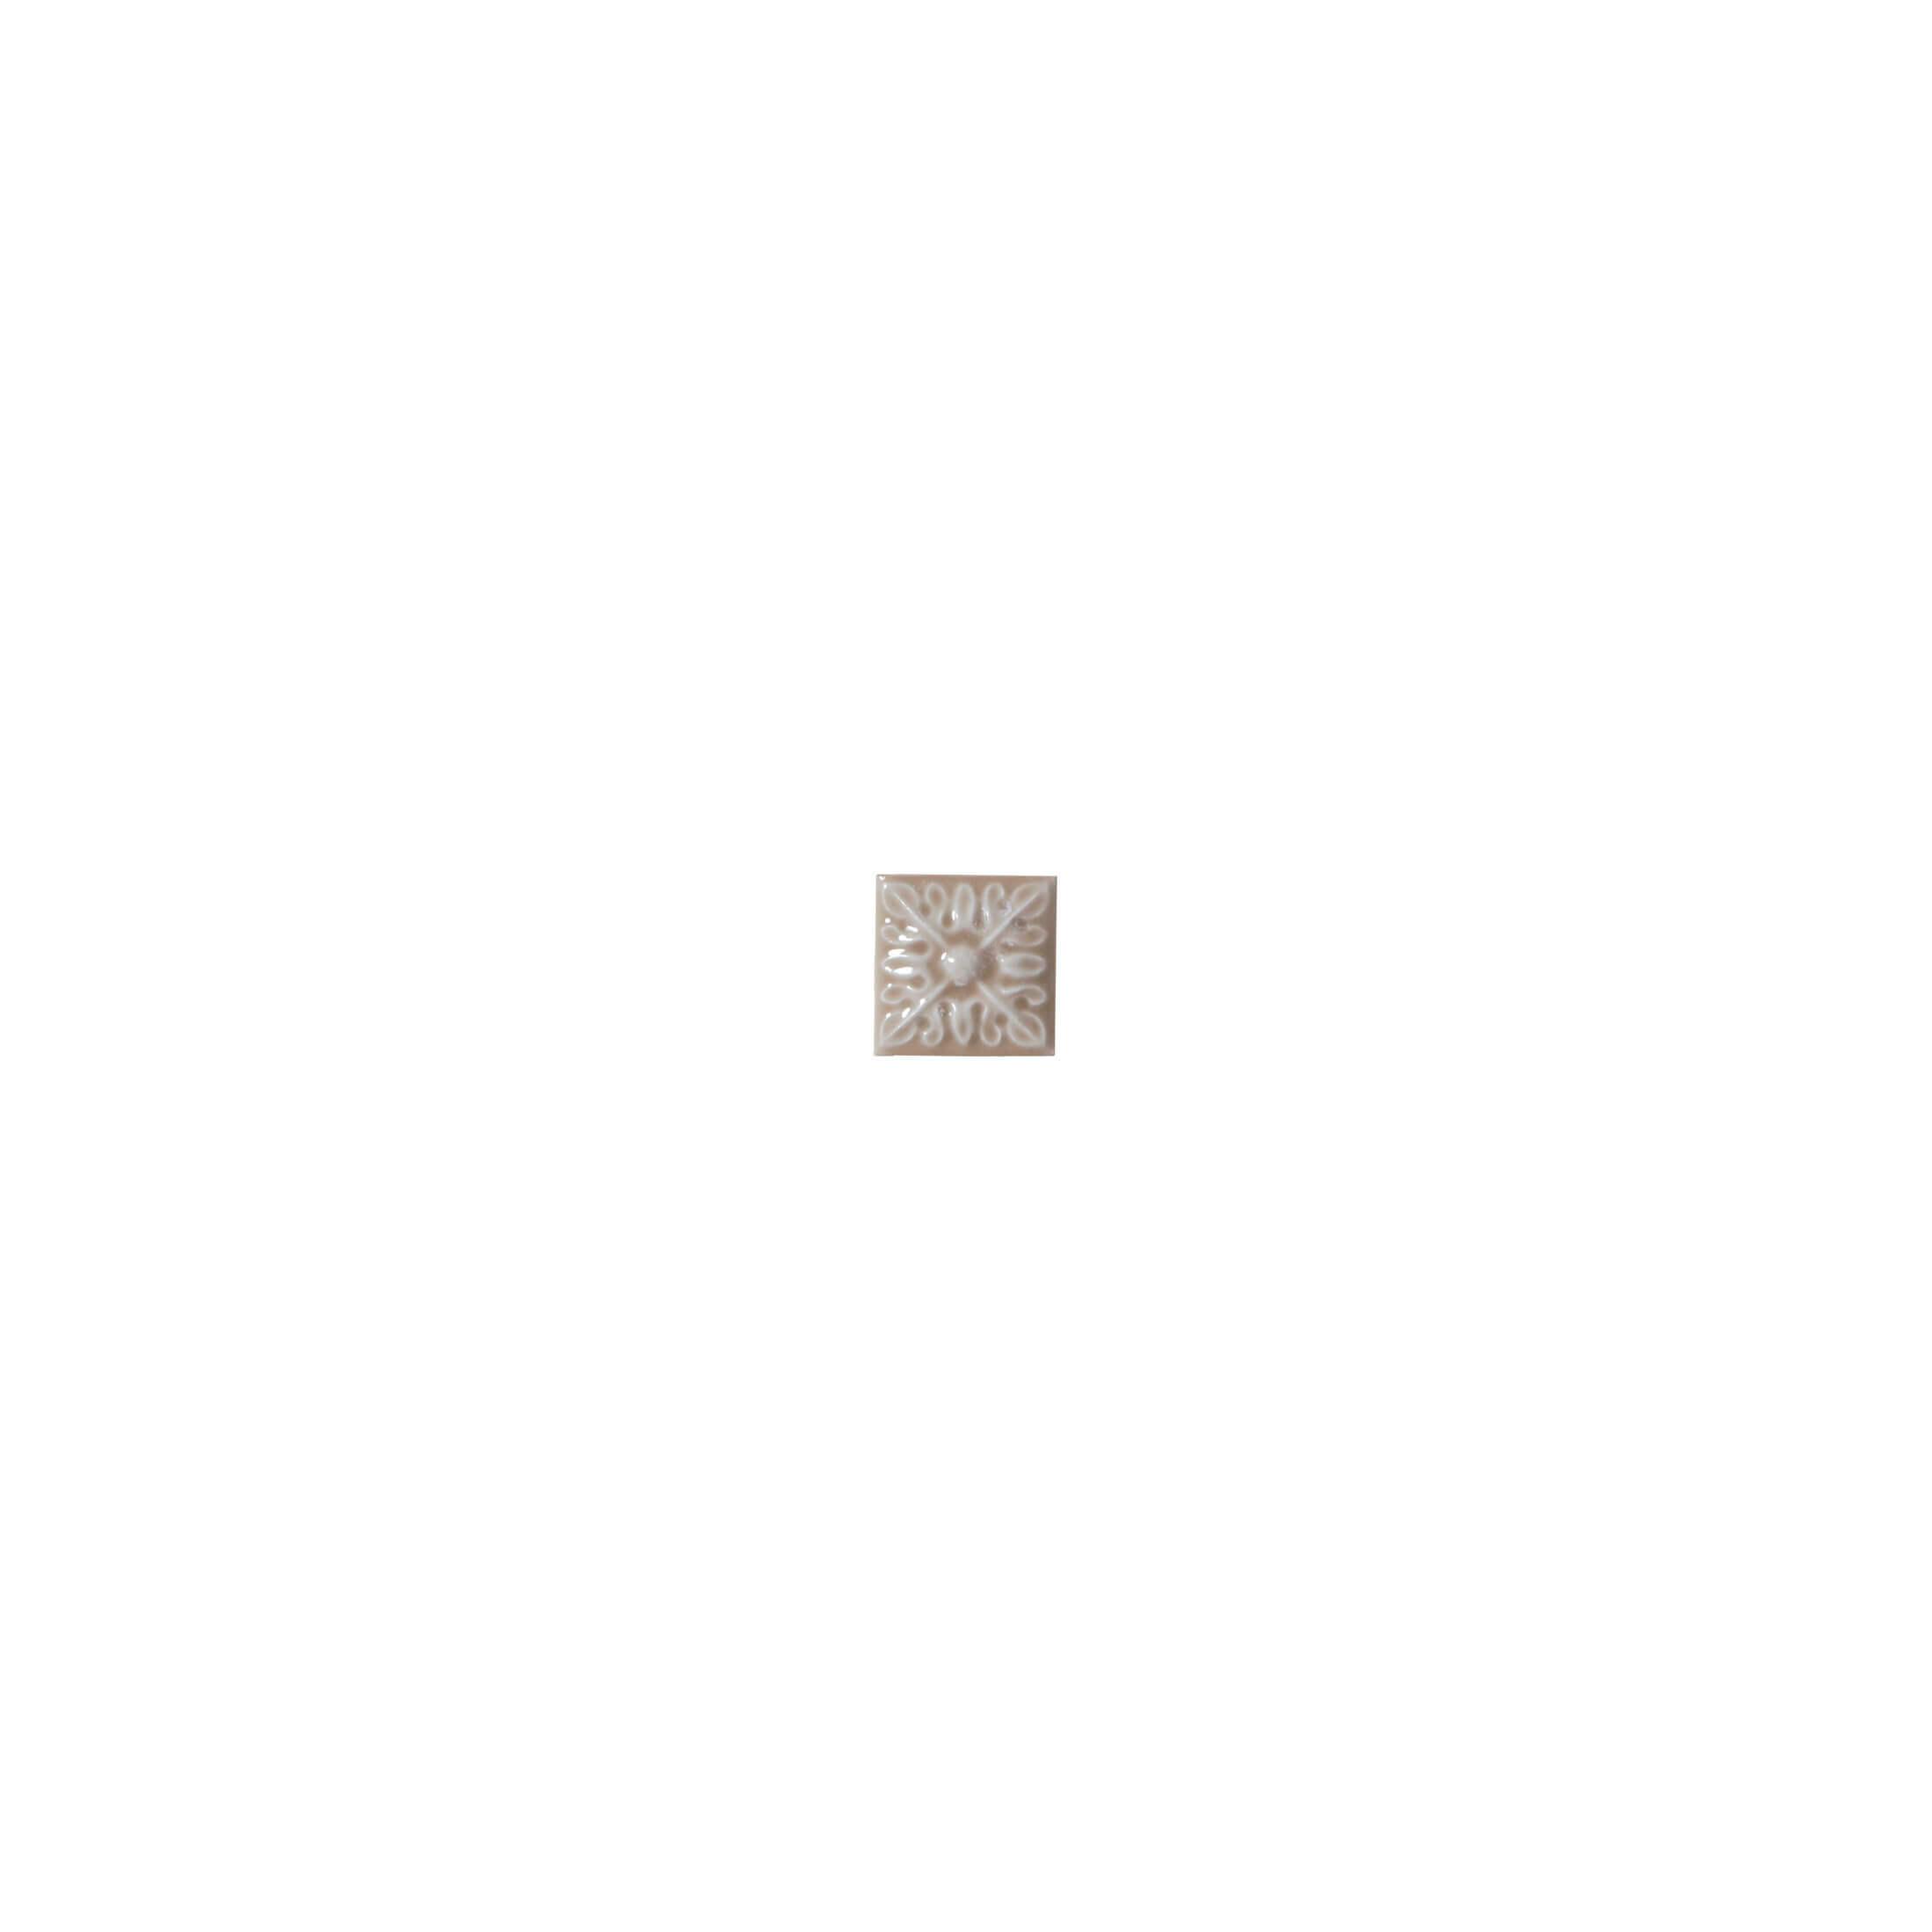 ADST4062 - TACO RELIEVE FLOR Nº 2 - 3 cm X 3 cm